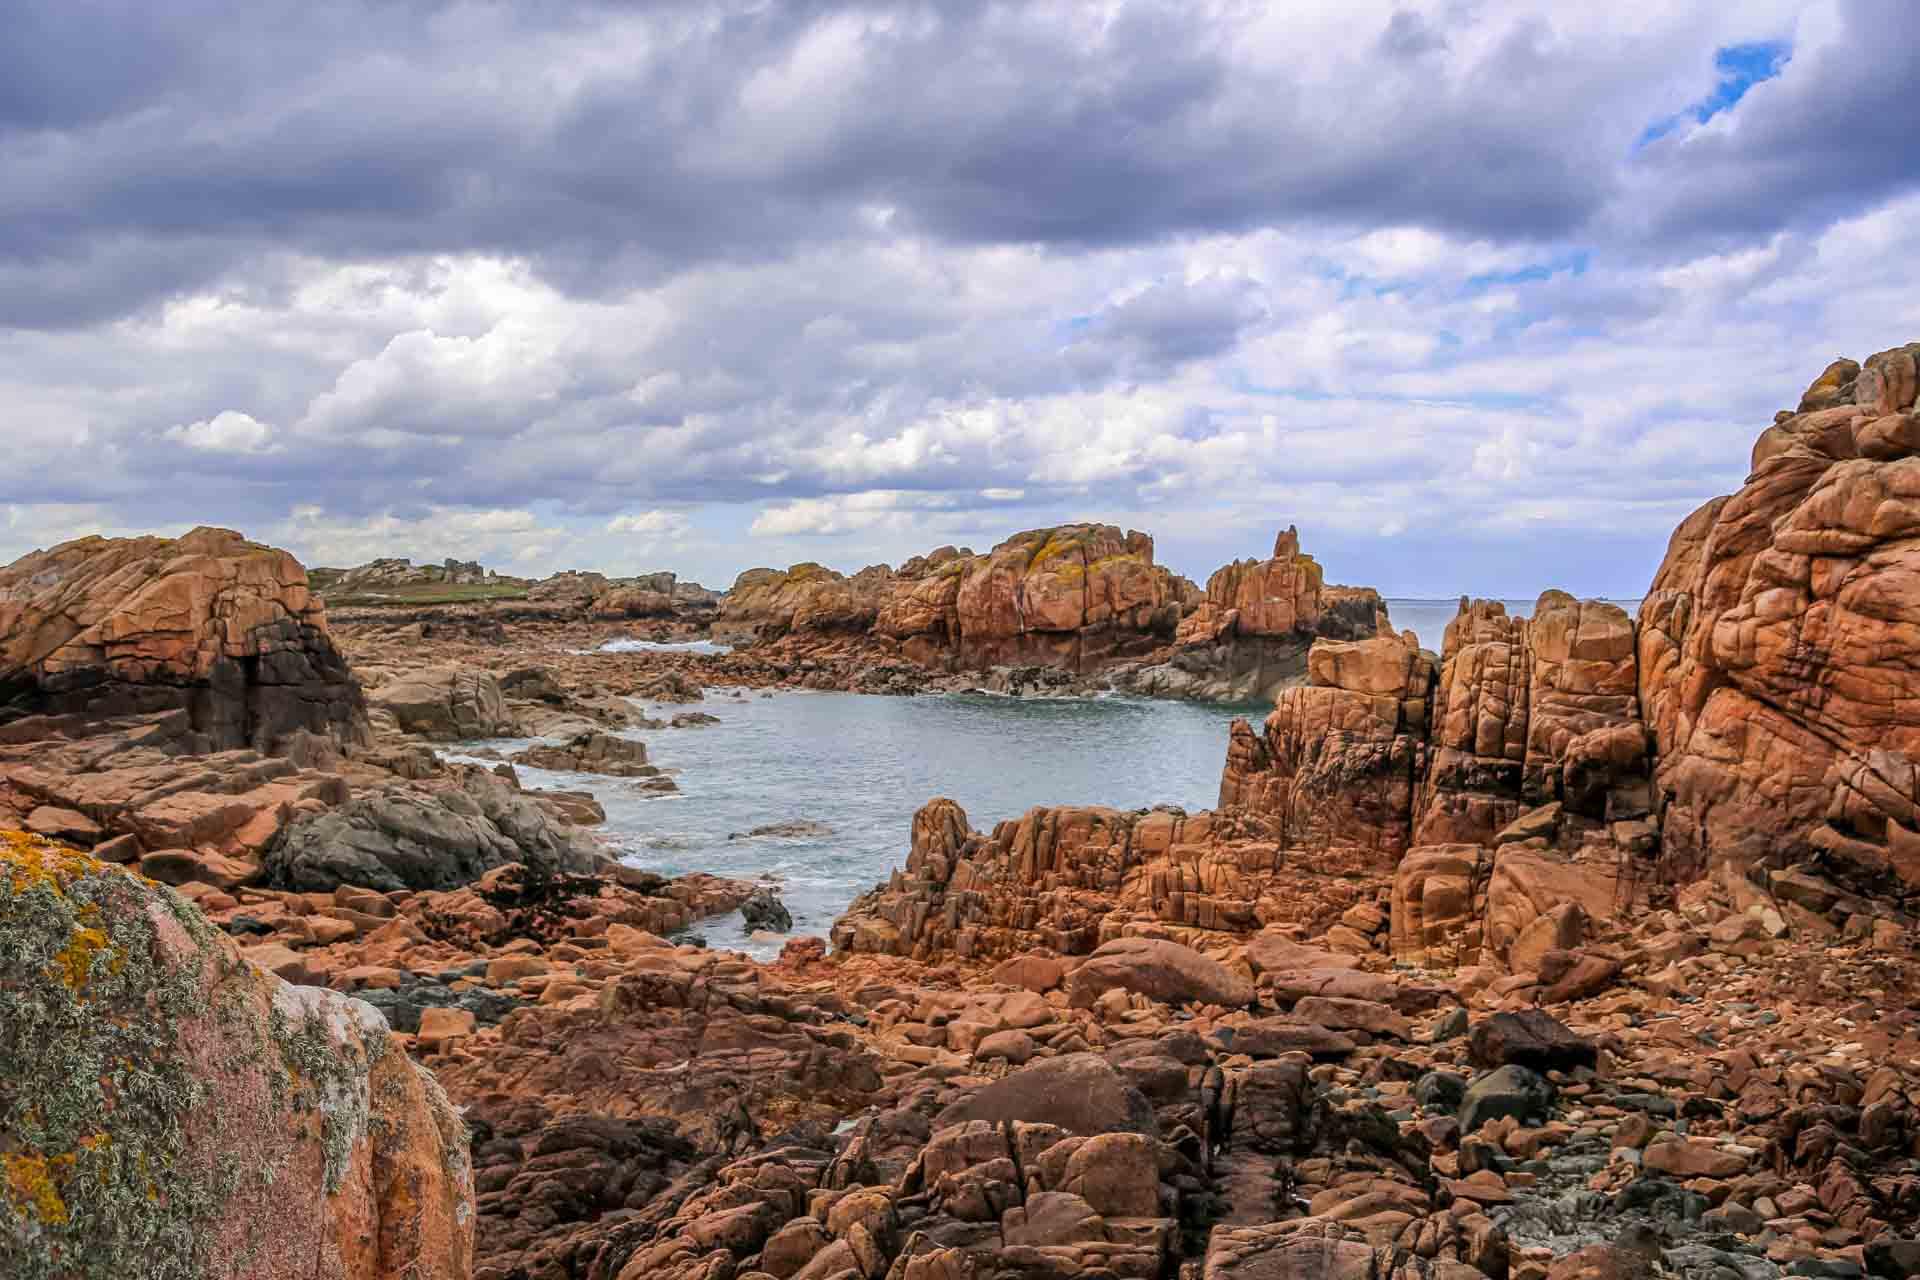 Côte de granit rose - Île de Bréhat